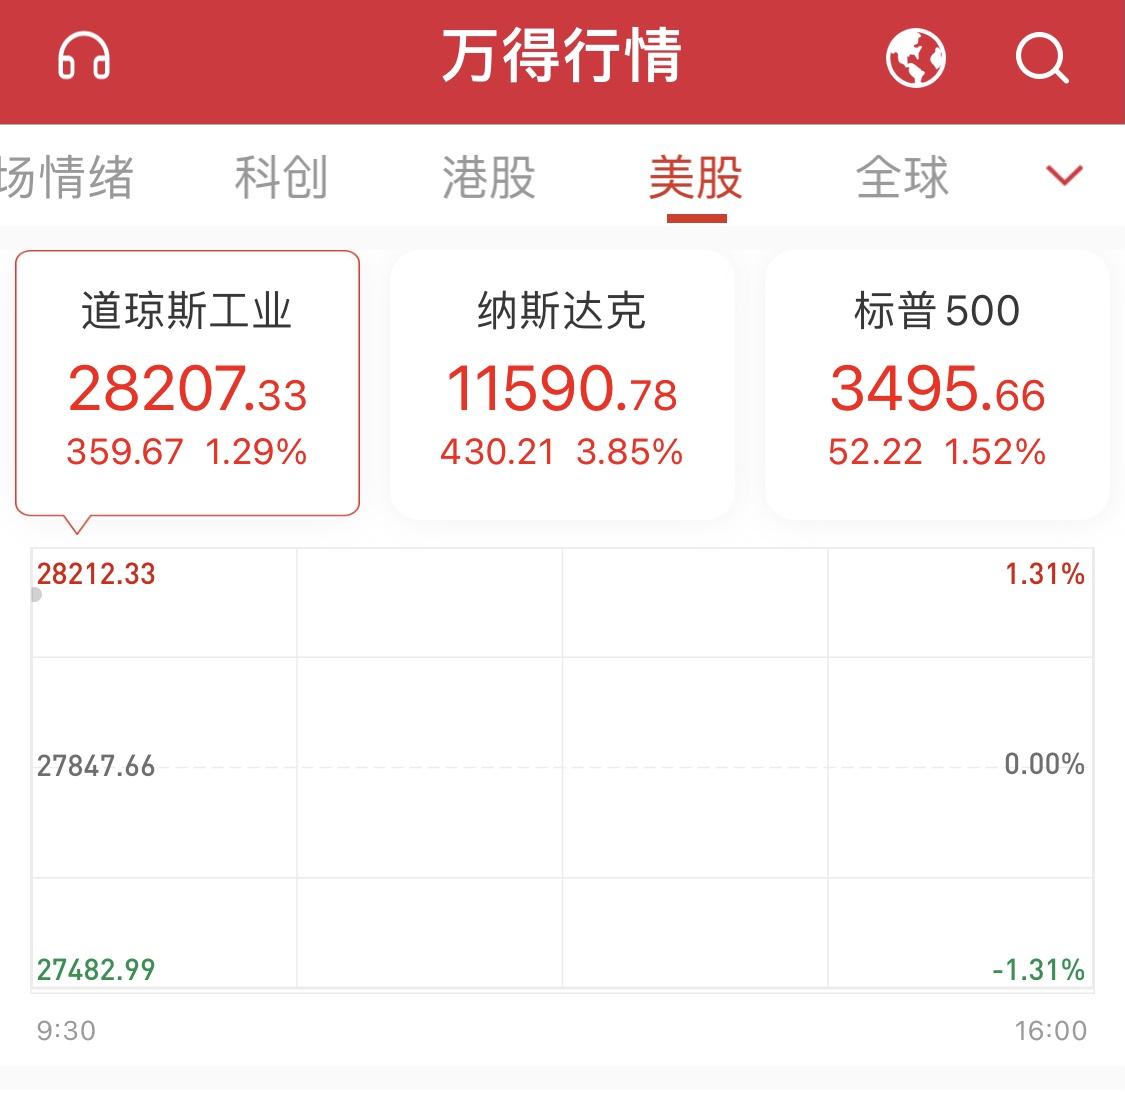 美国两党分庭抗礼预期提振市场:美股三大股指走强 小鹏汽车涨超10%